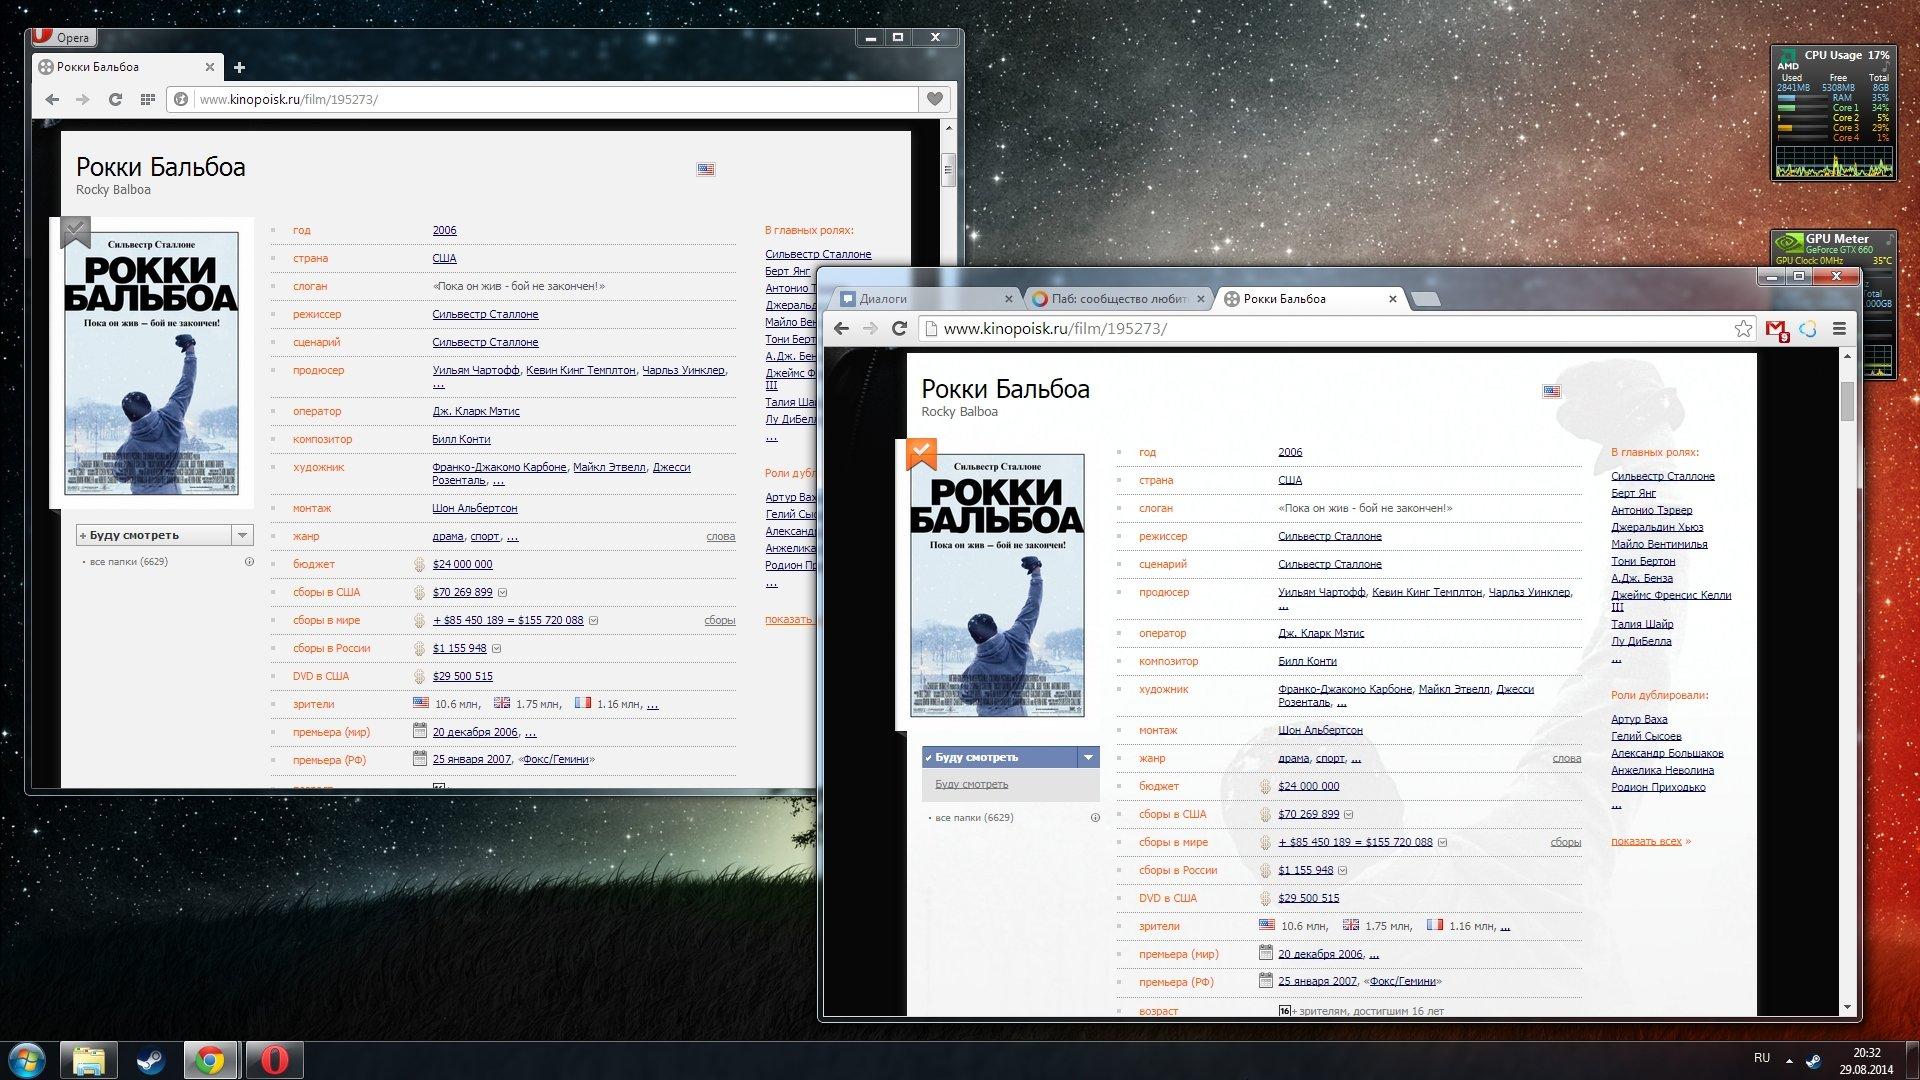 Сломались шрифты на некоторых сайтах в Chrome - Изображение 1